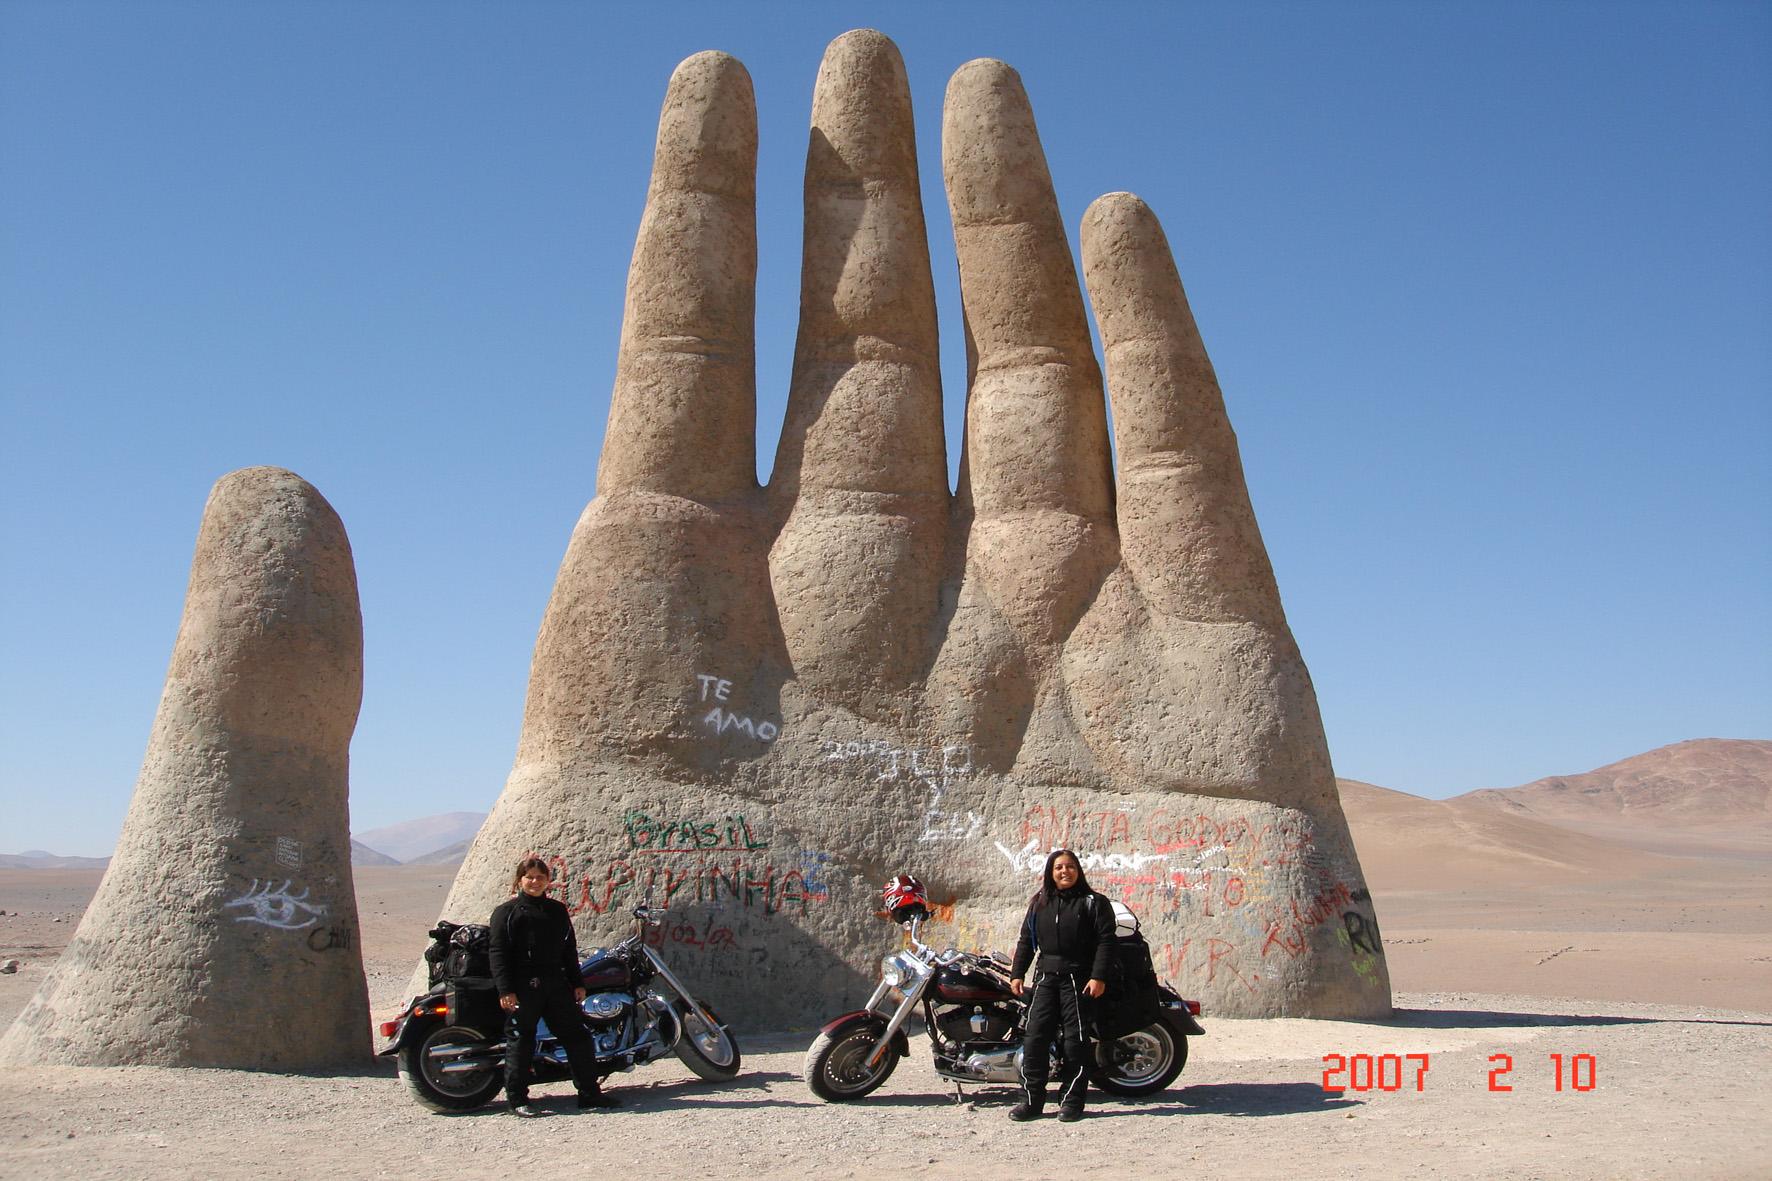 Em 2007 em frente a Mão do Deserto, no deserto do Atacama